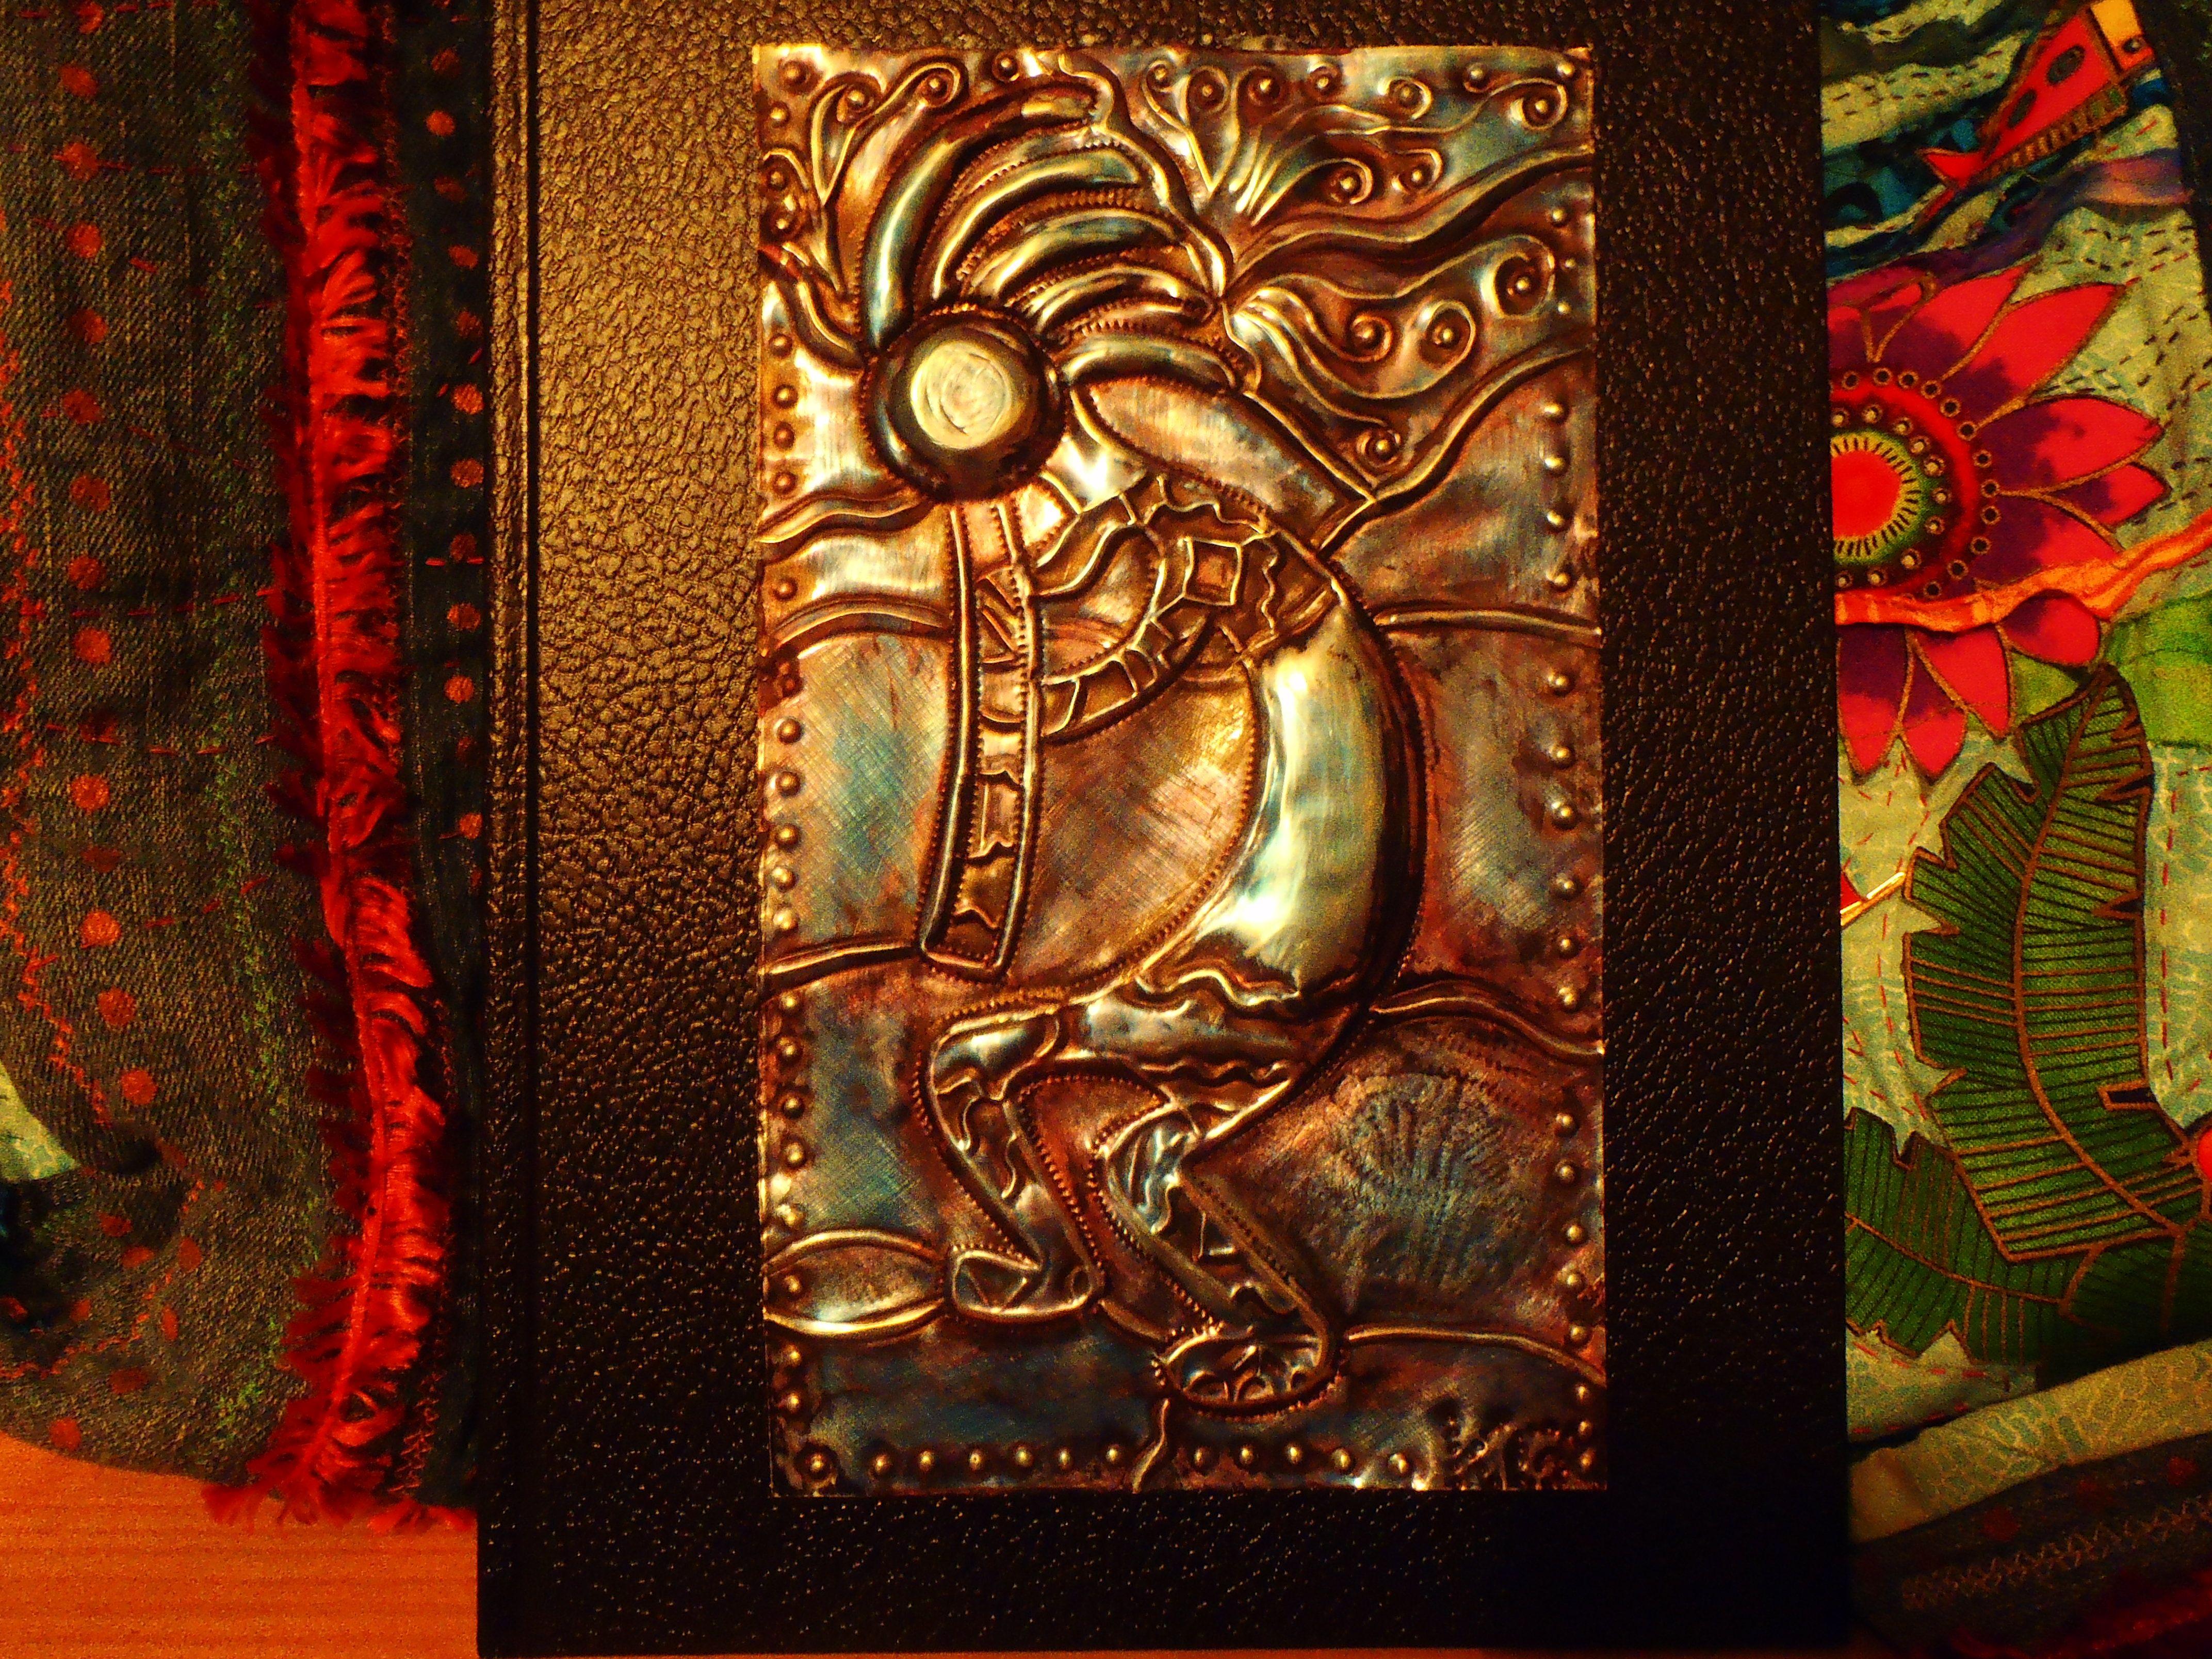 Metal embossing glued onto art journal by Kath G. in Bermuda.